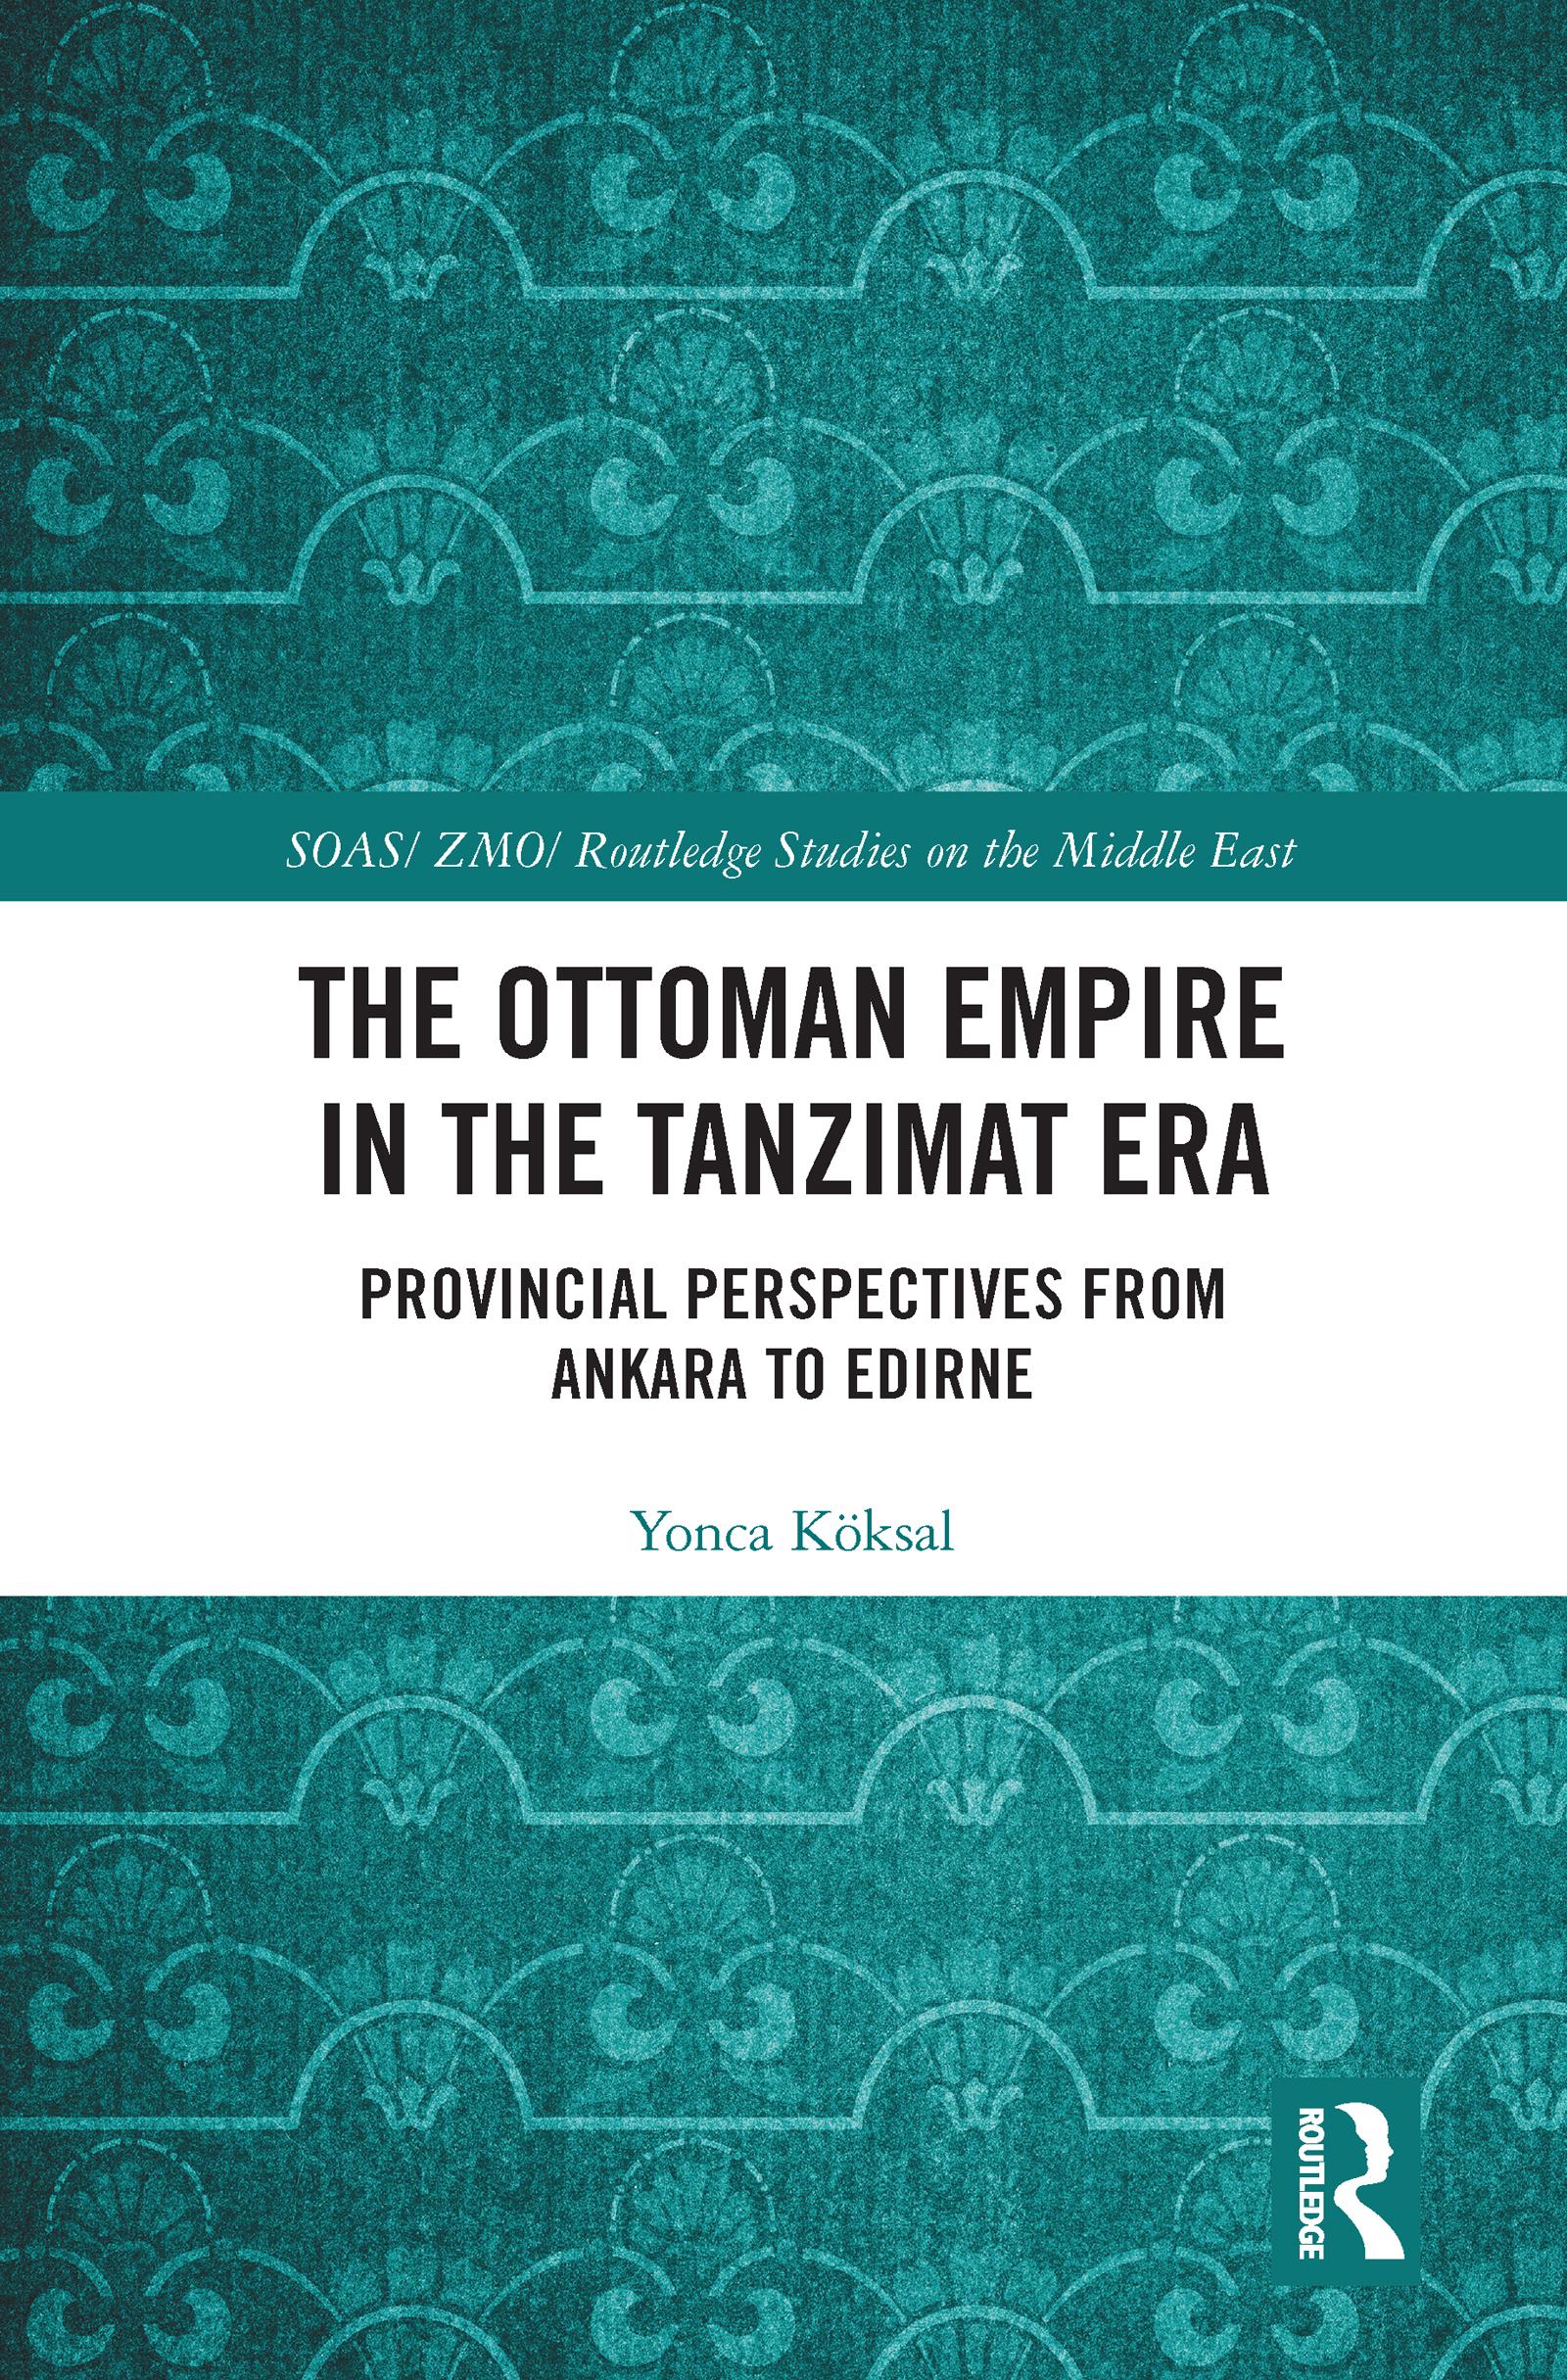 The Ottoman Empire in the Tanzimat Era